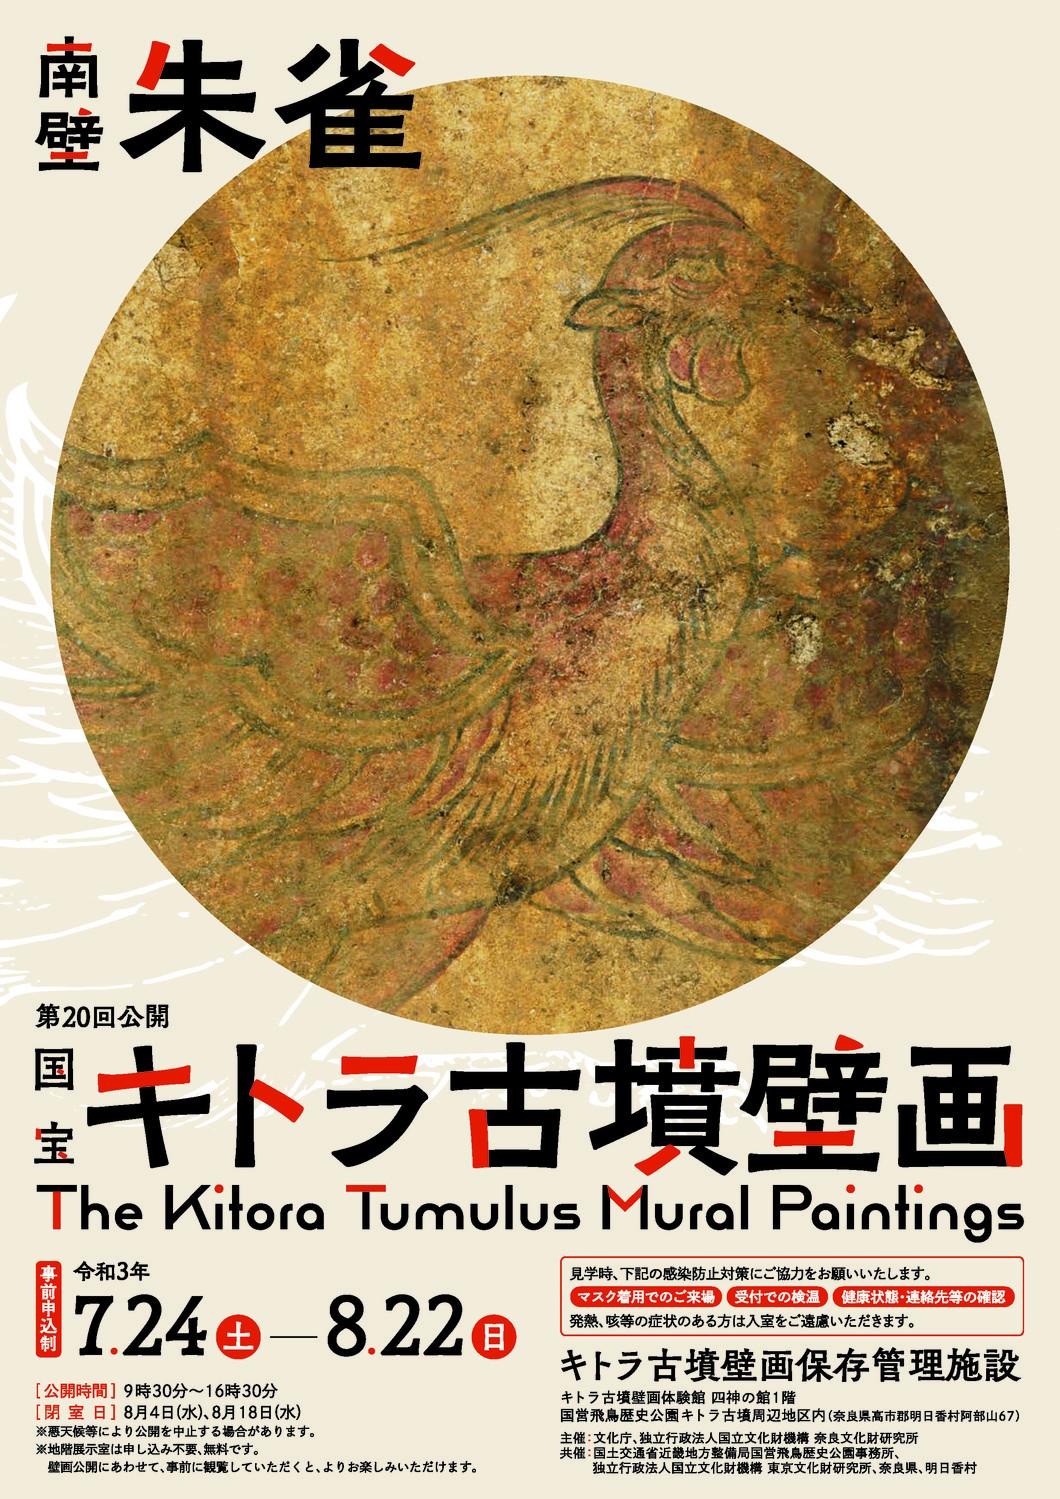 令和3年度 国宝キトラ古墳壁画の公開(第20回)